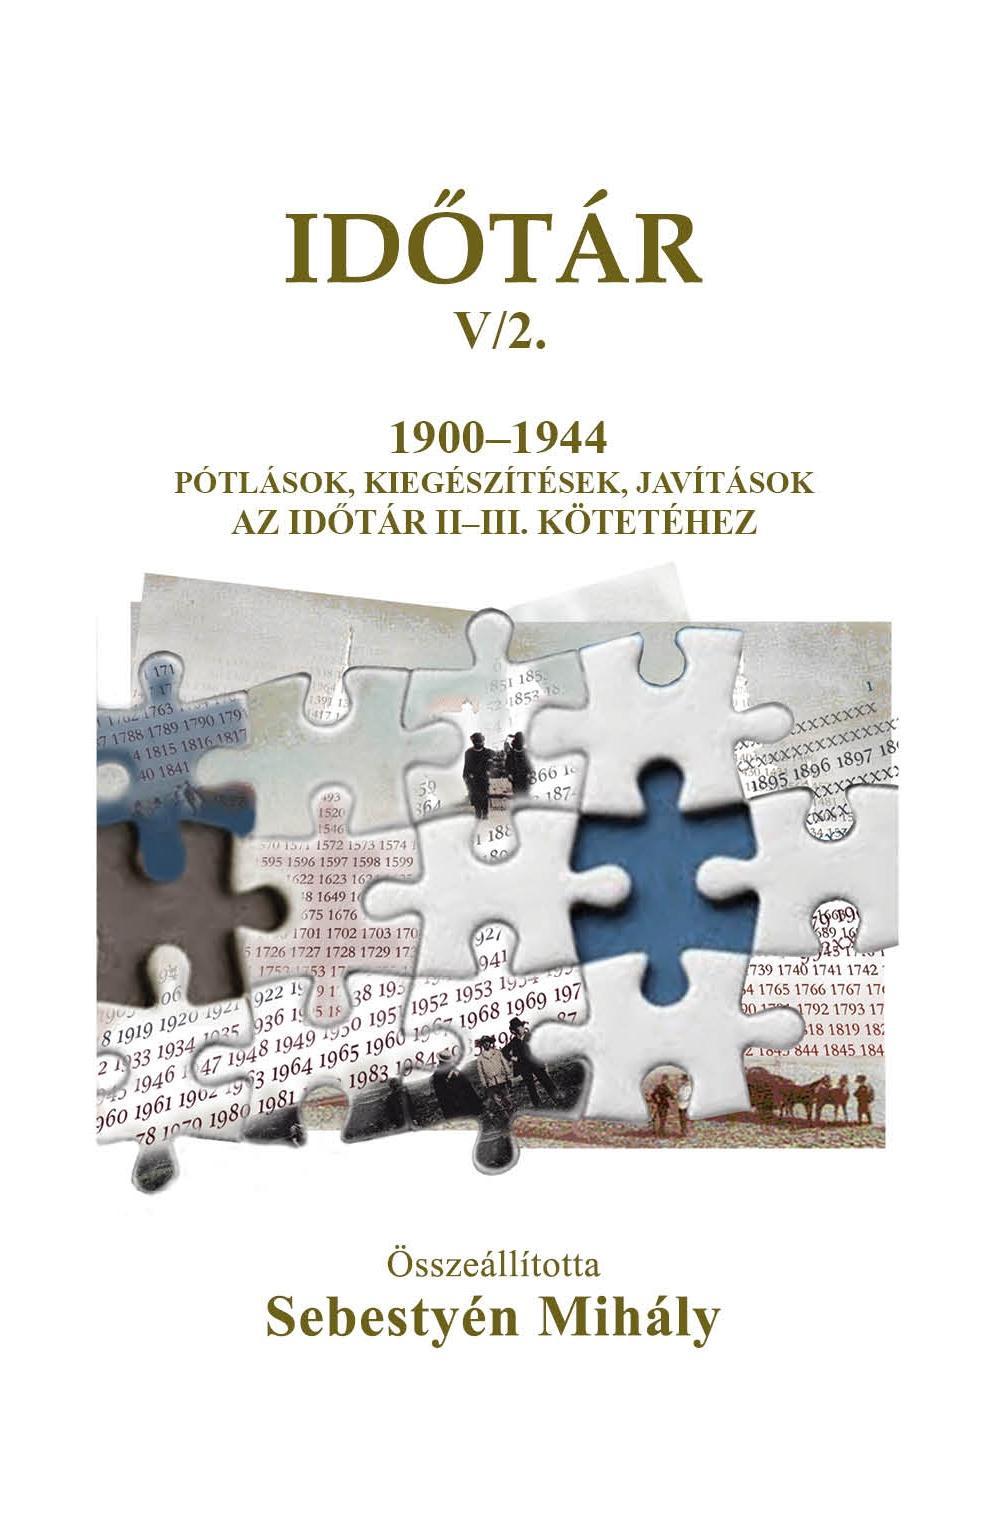 IDŐTÁR V/2. 1900-1944 PÓTLÁSOK, KIEGÉSZÍTÉSEK, JAVÍTÁSOK AZ IDŐTÁR II-III. KÖTET